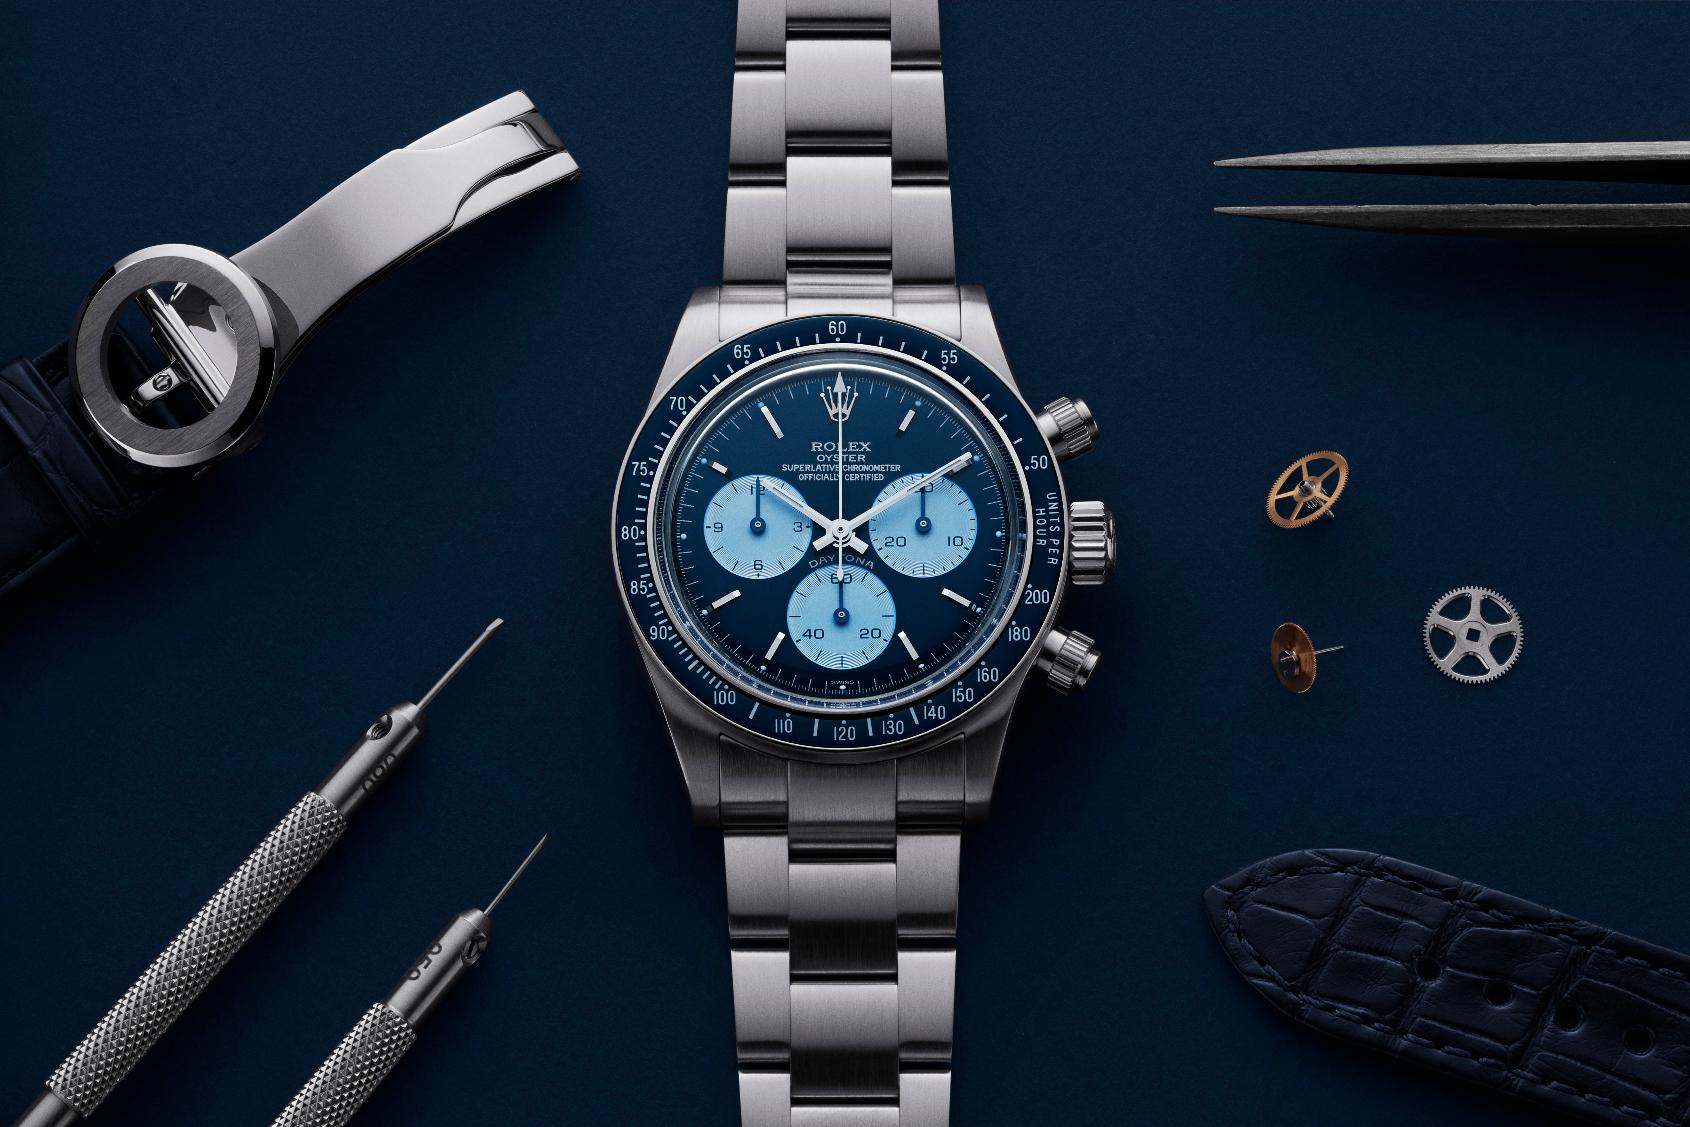 The Rolex Daytona gets a wild blue remix from Artisans de Genève